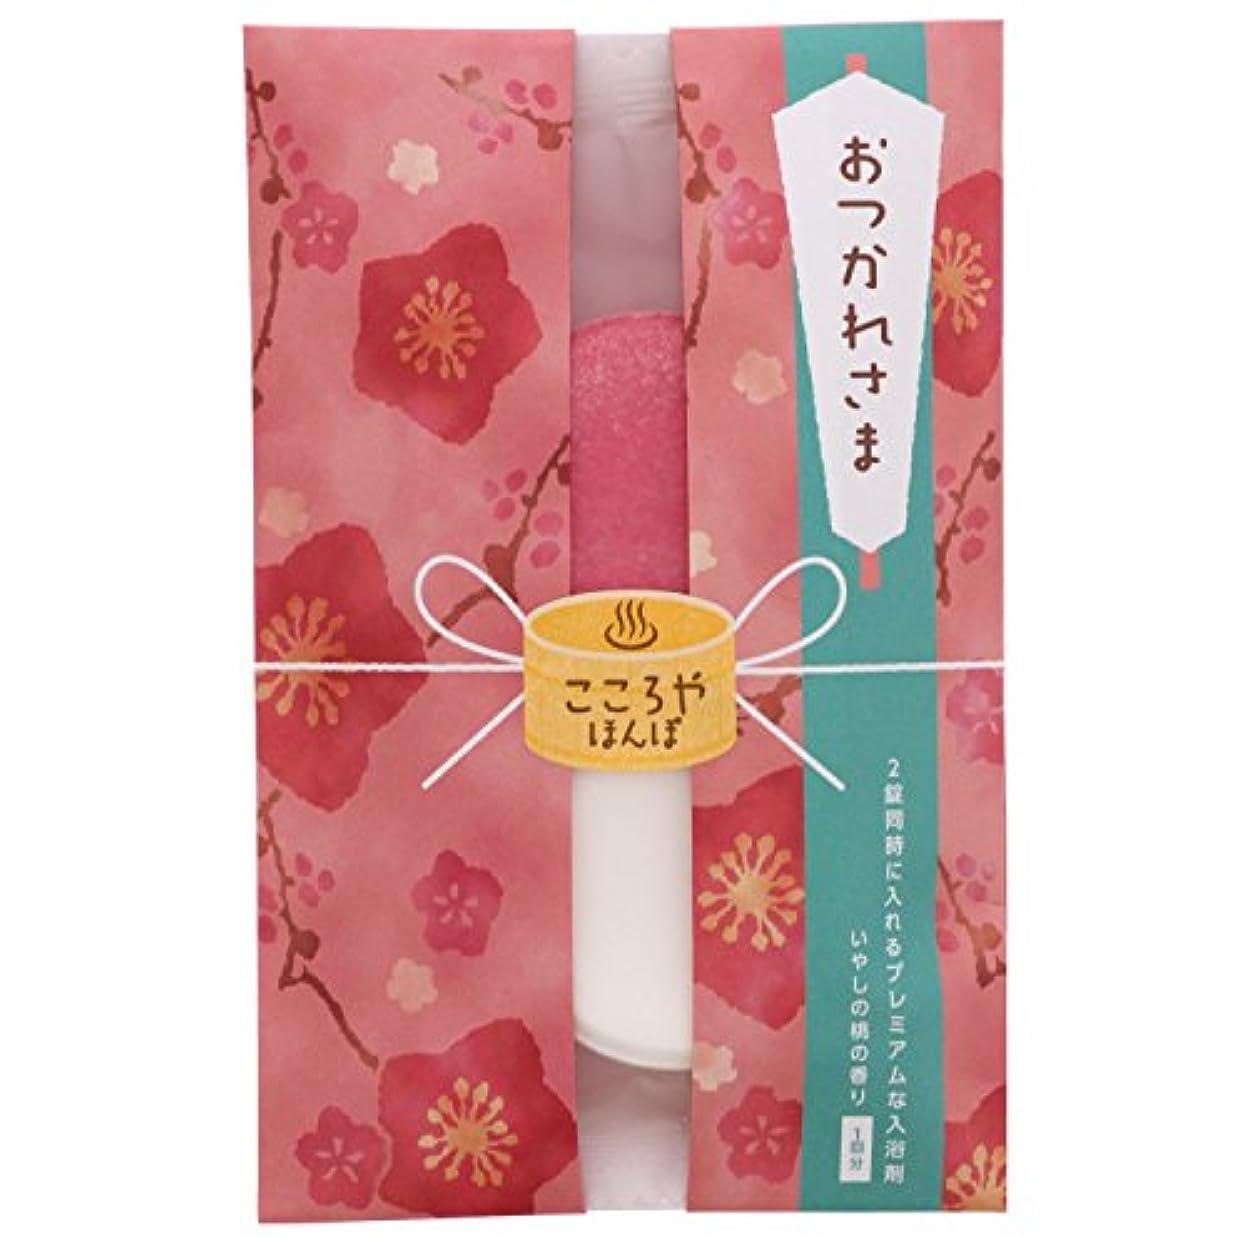 合金胸鳥こころやほんぽ カジュアルギフト 入浴剤 おつかれさま 桃の香り 50g